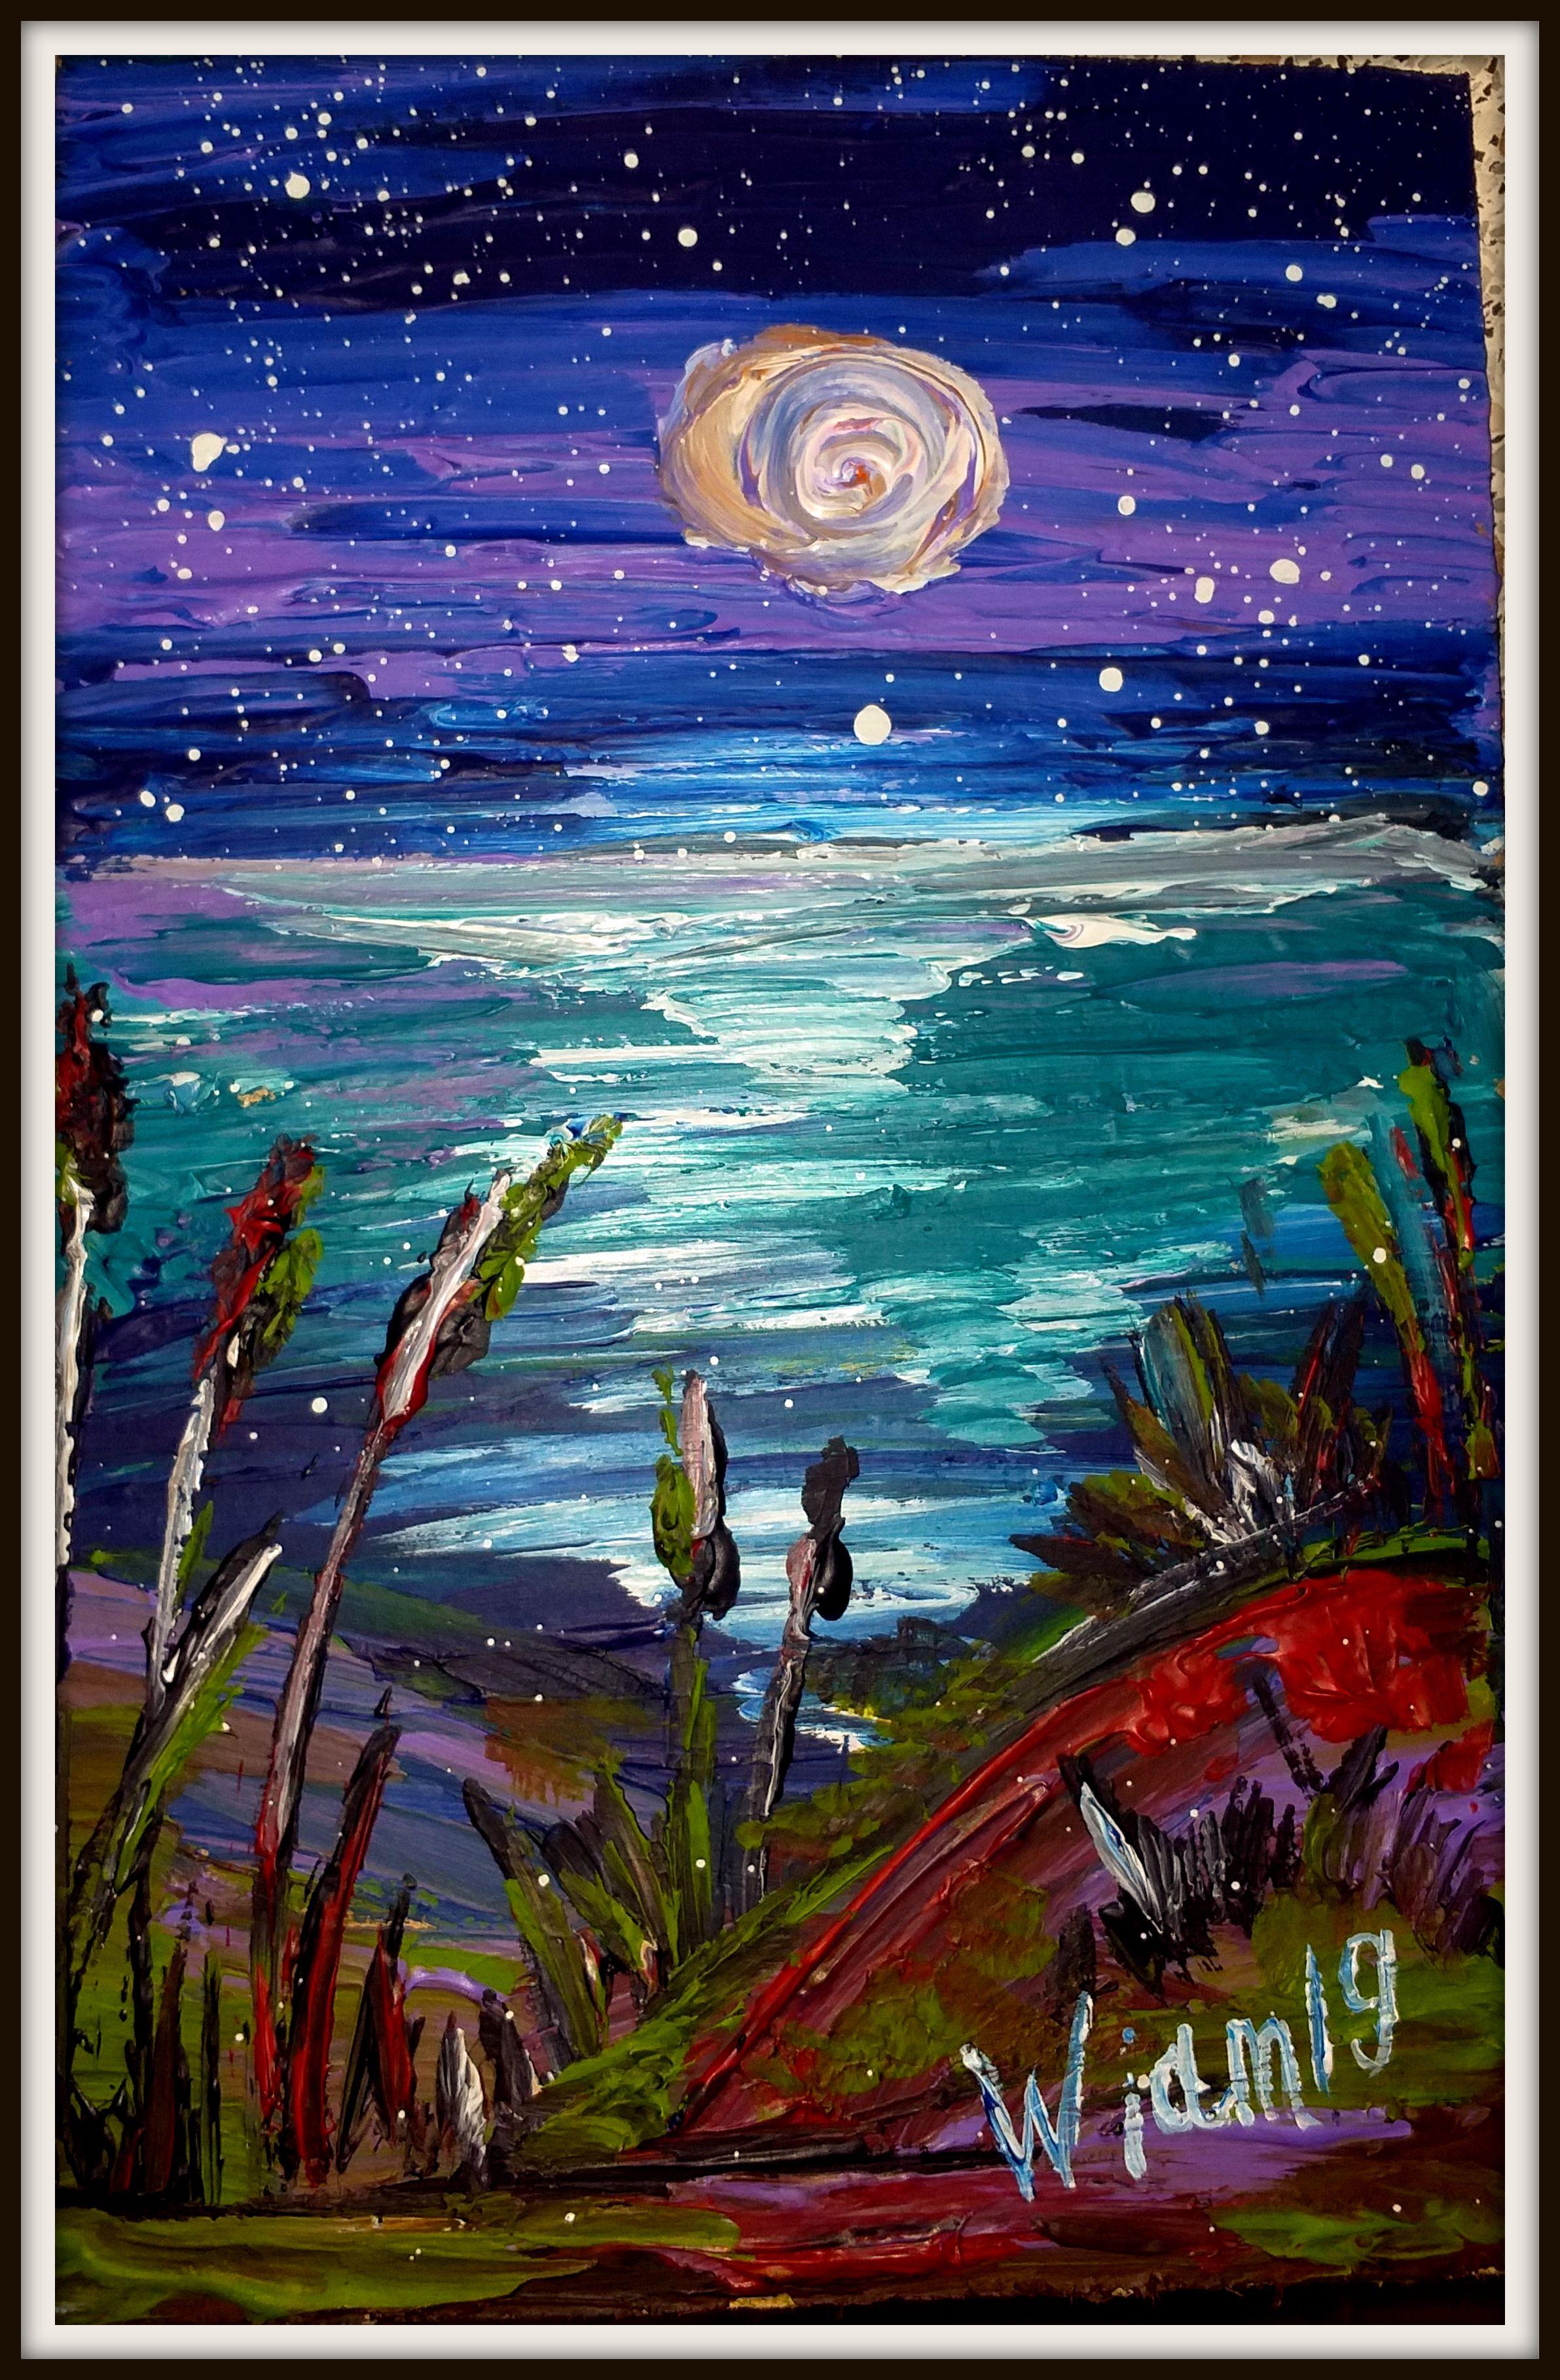 река луна вода звезды ночной акрил живопись пейзаж